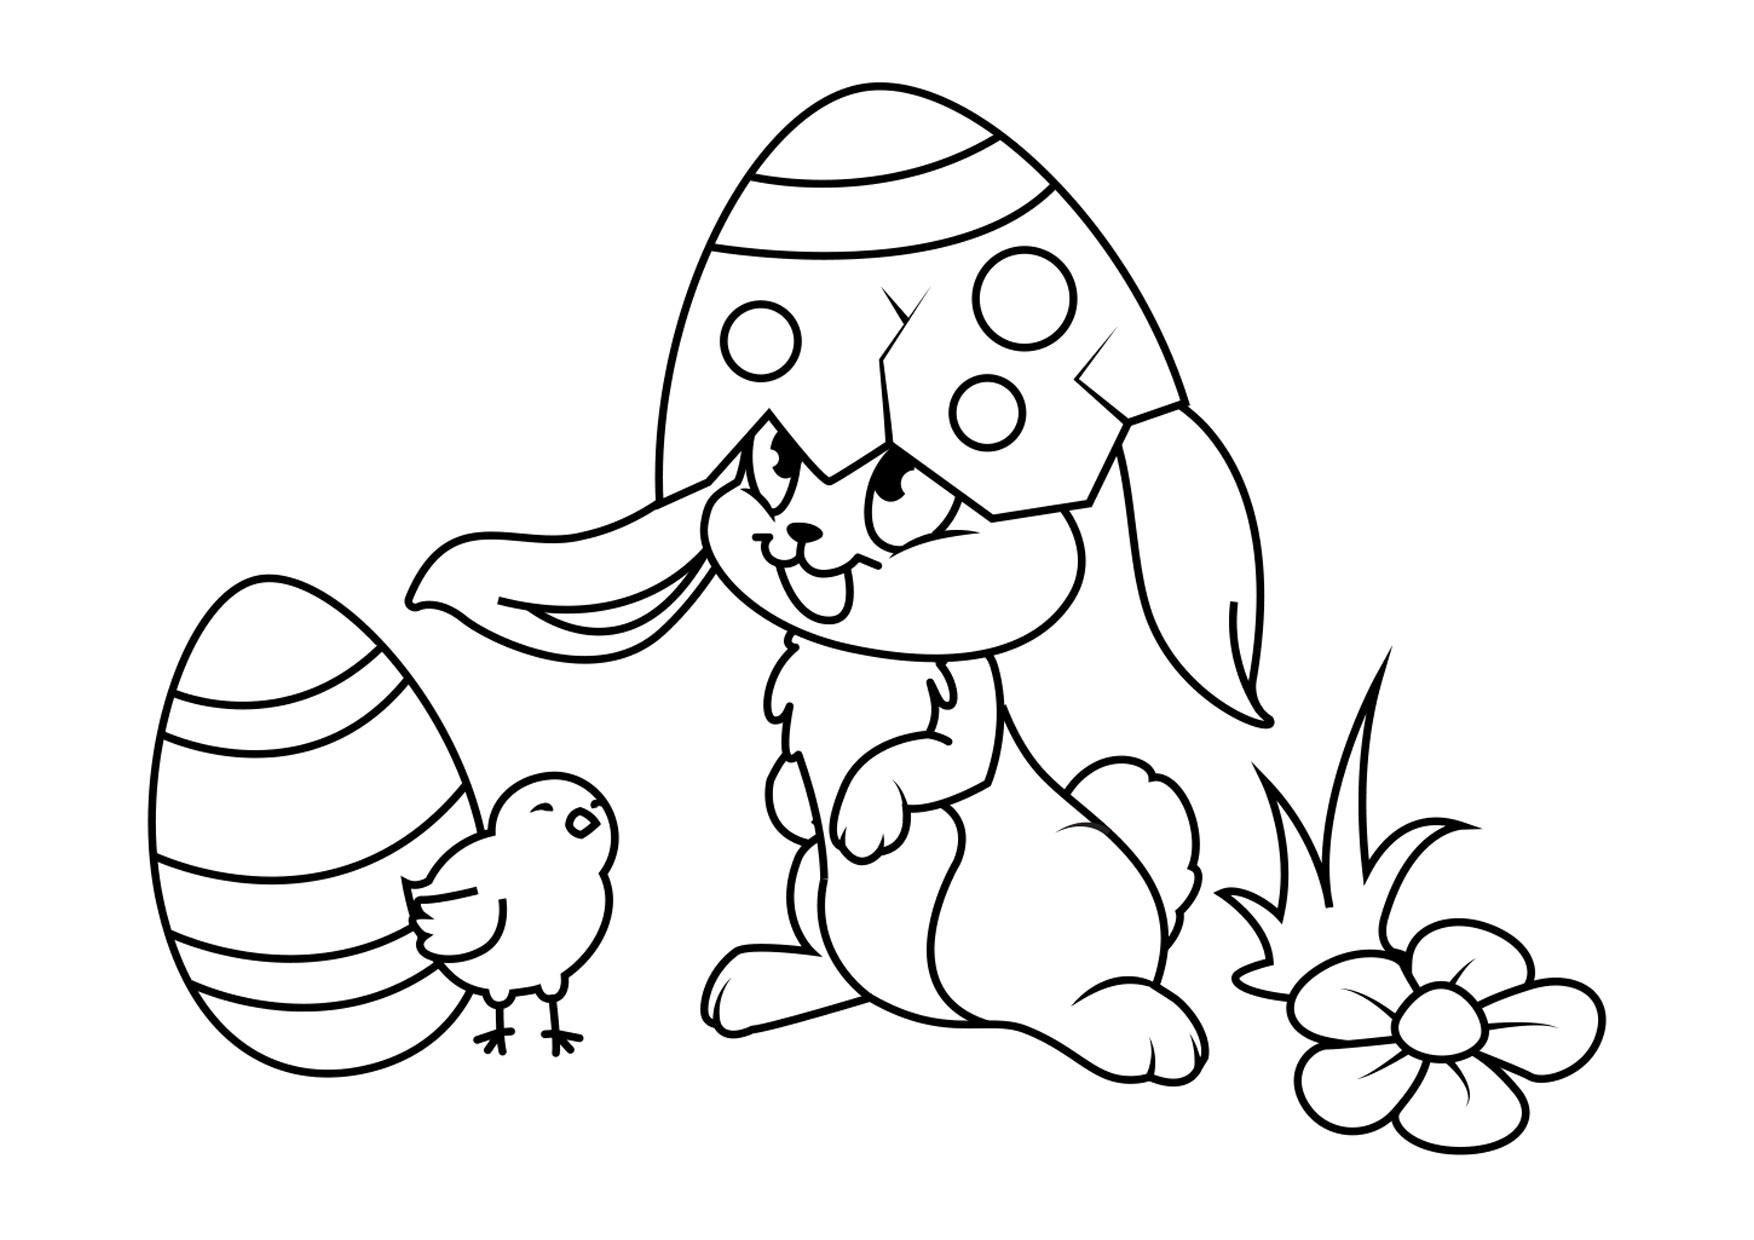 Disegni Da Colorare Pulcini.Disegno Da Colorare Coniglietto Di Pasqua Con Pulcino Disegni Da Colorare E Stampare Gratis